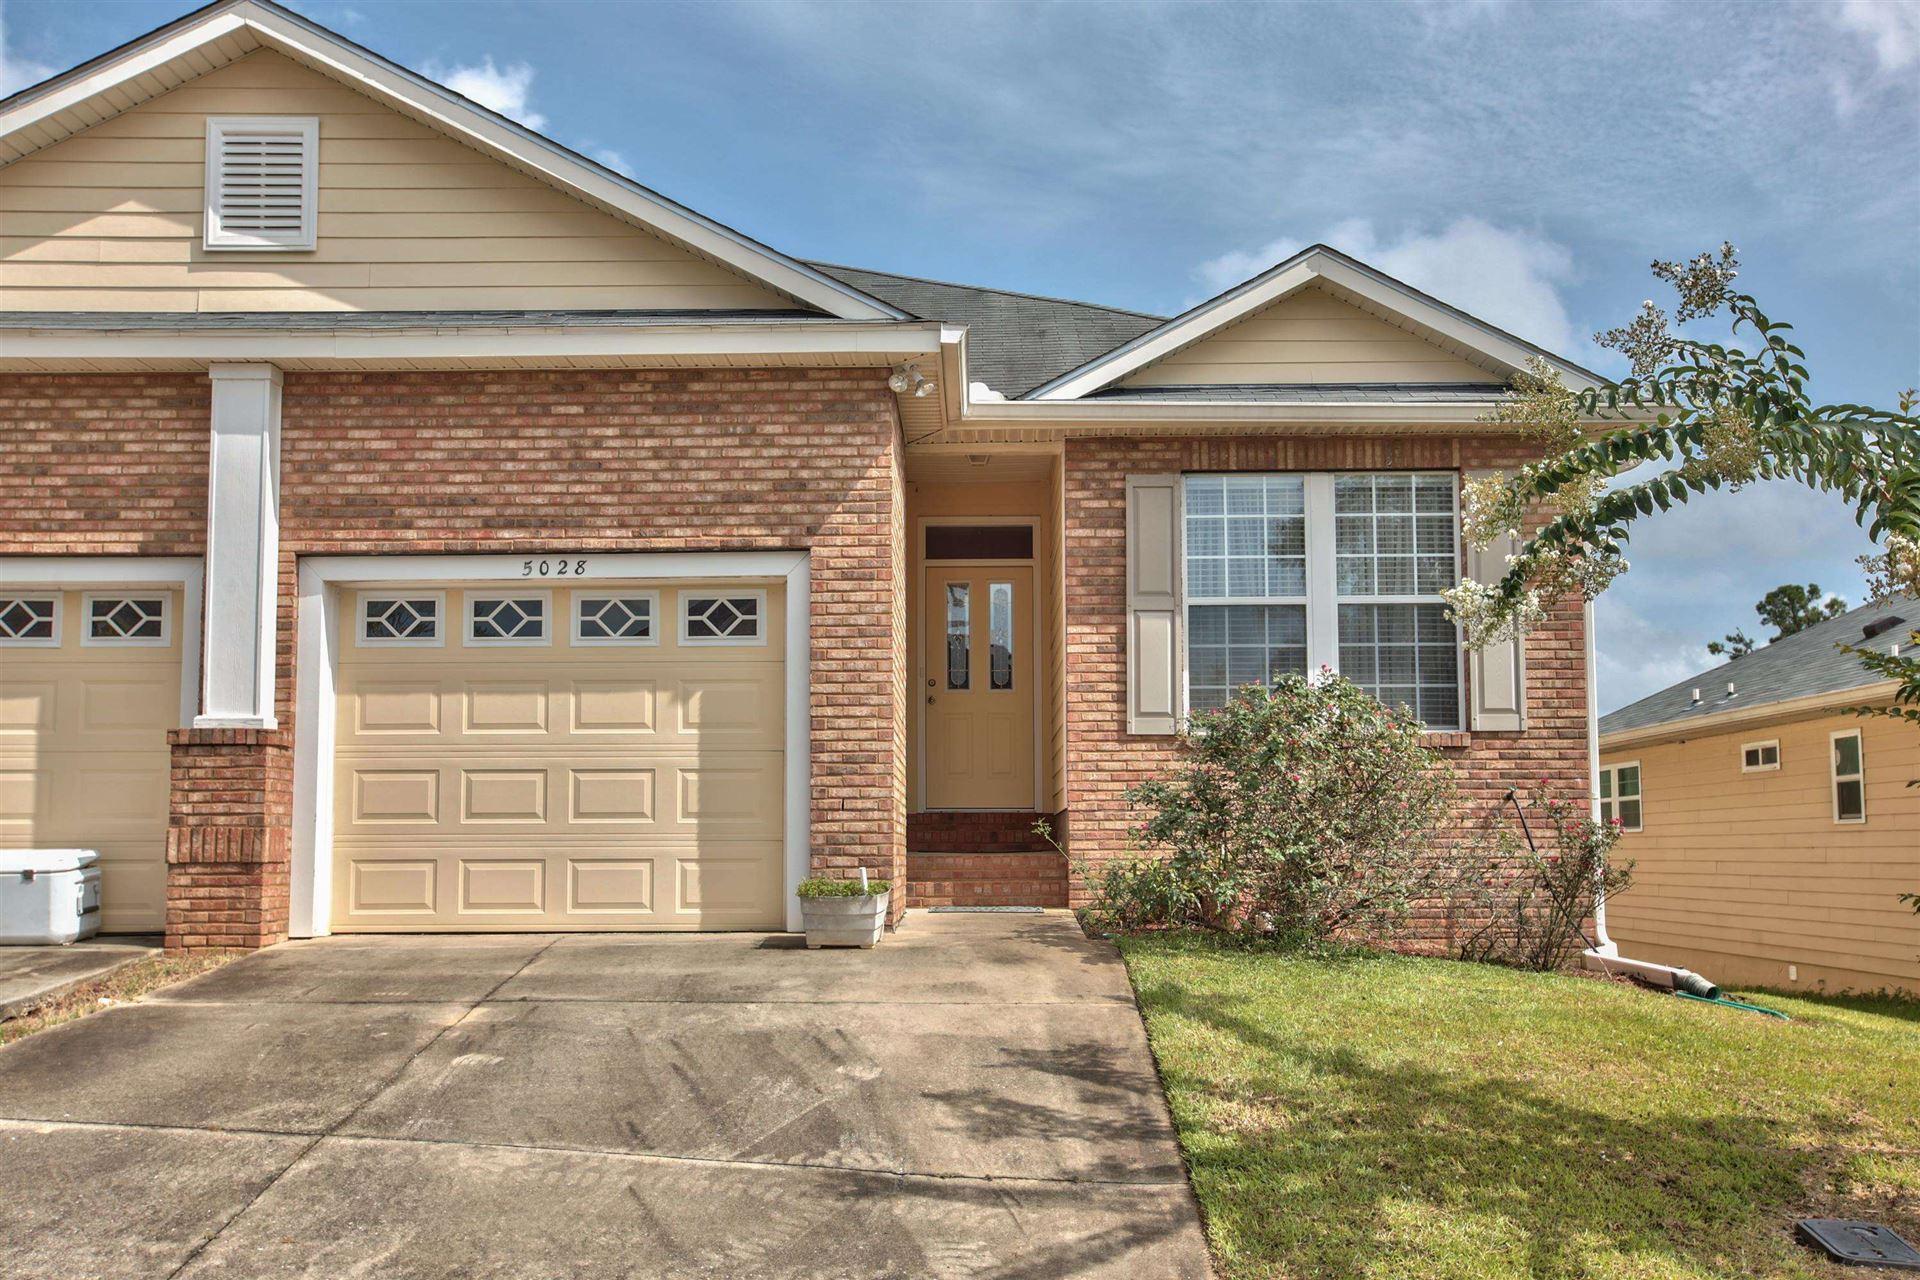 5028 Hampton Ridge Avenue, Tallahassee, FL 32311 - MLS#: 336656